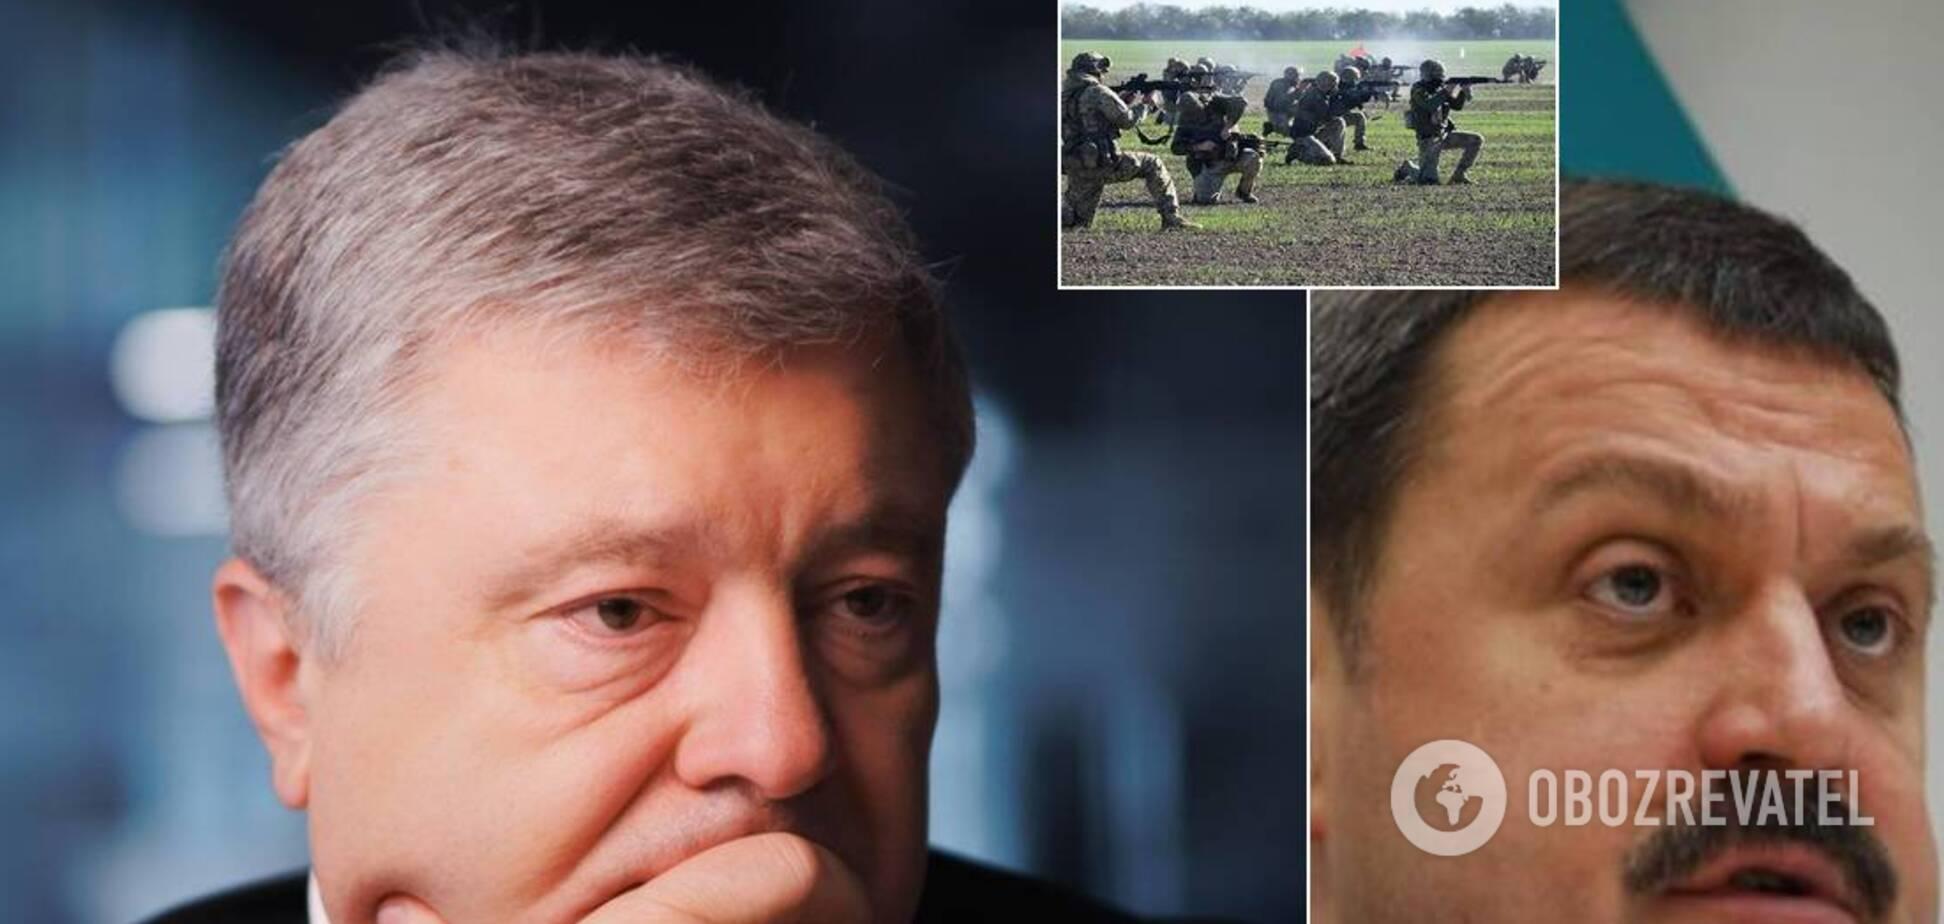 Деркач обнародовал новые пленки о якобы Порошенко